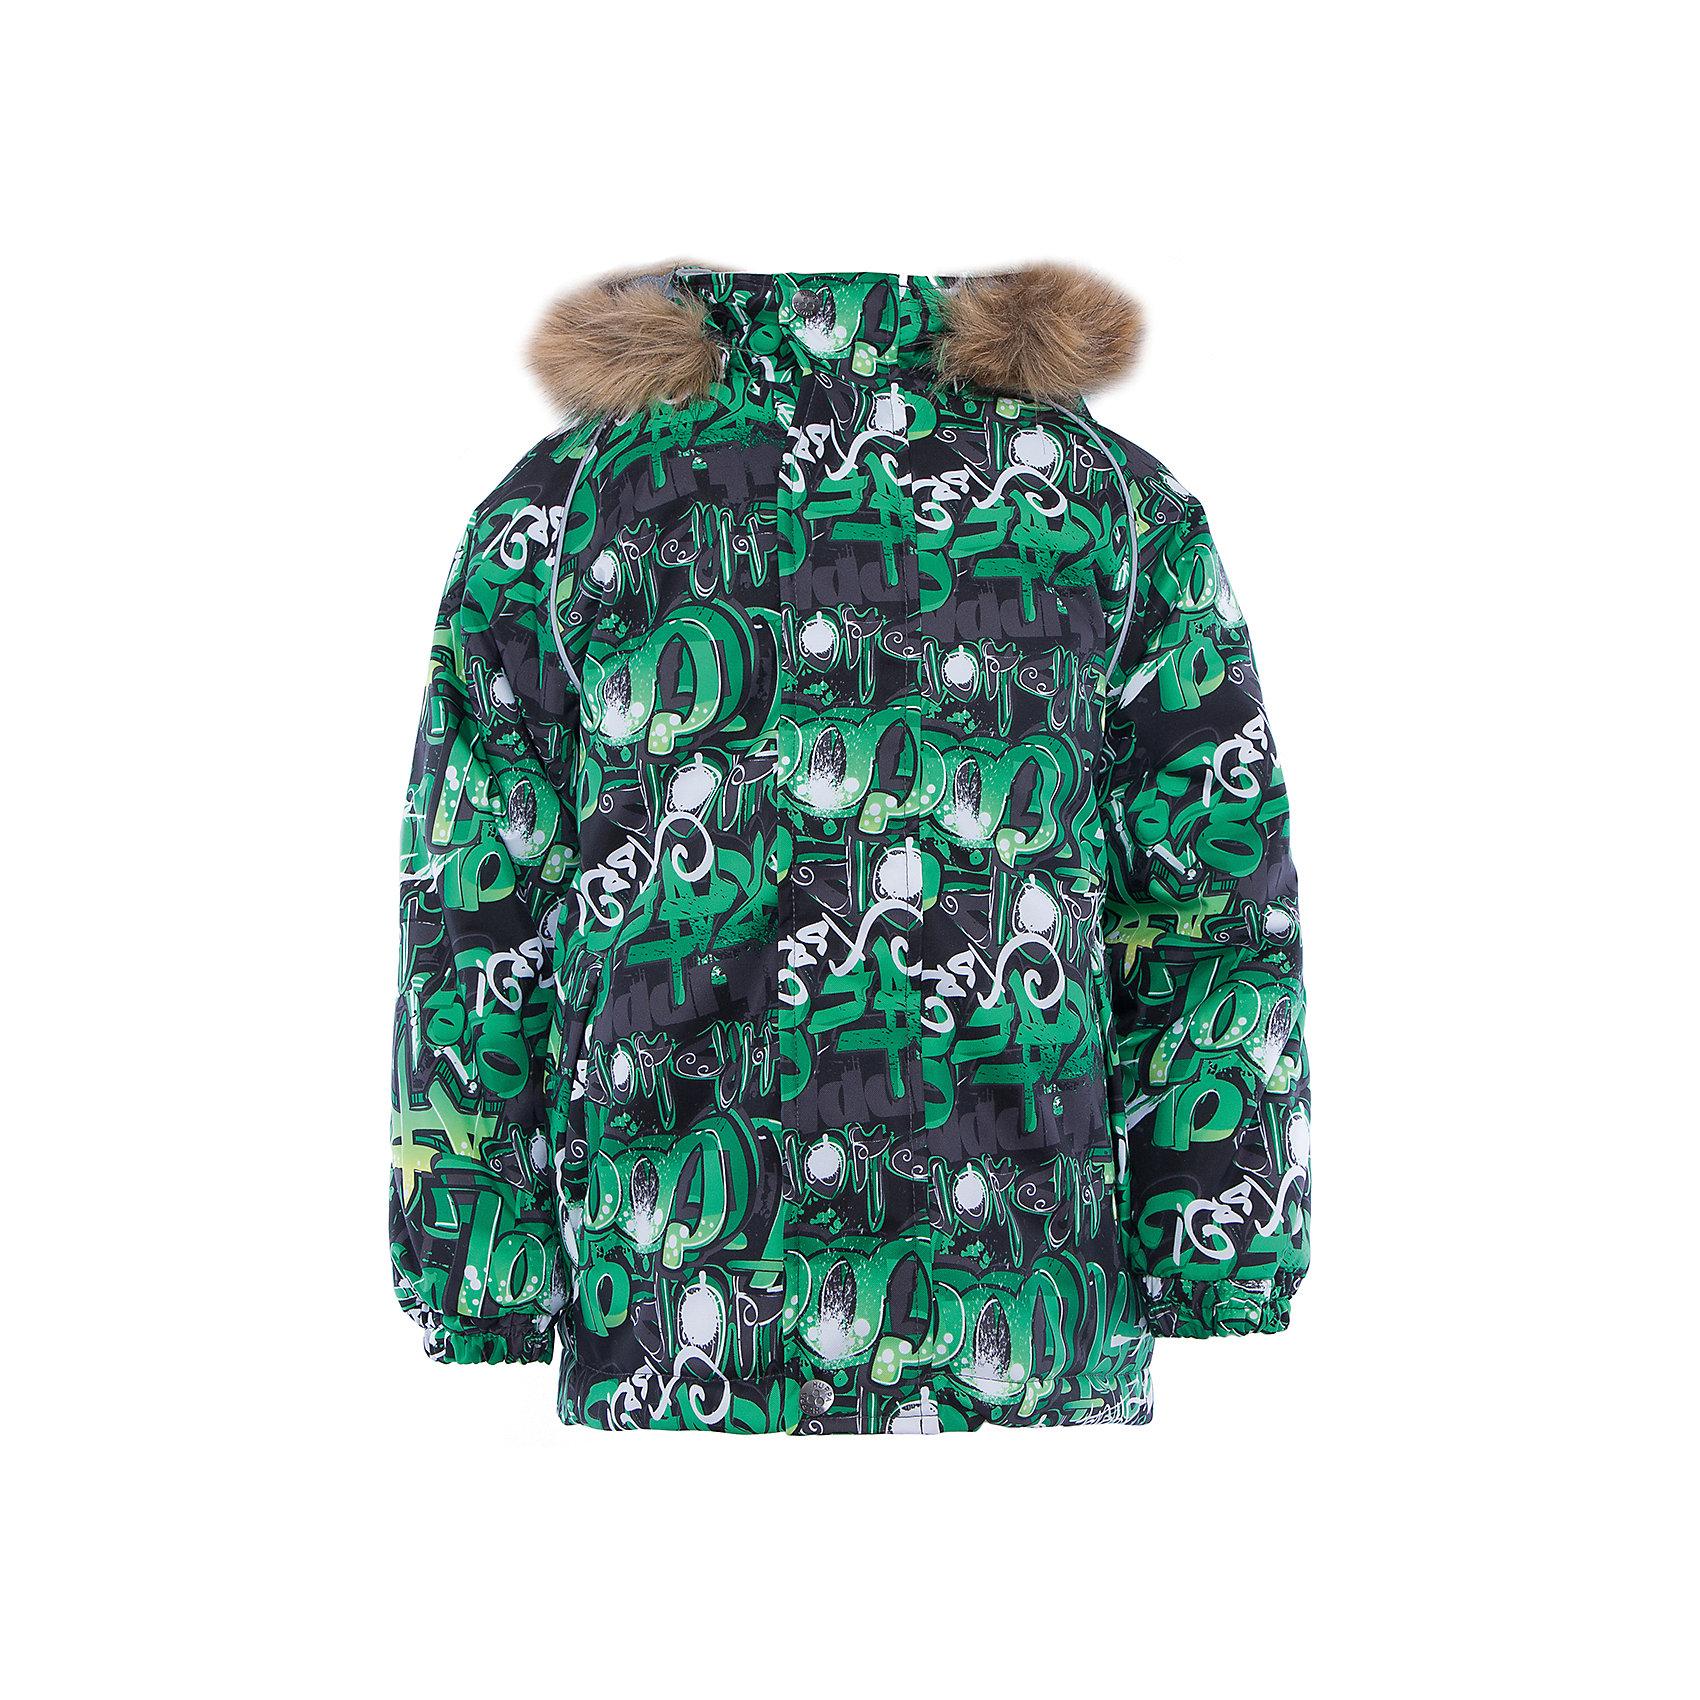 Куртка   для мальчика HuppaКуртка для мальчика MARINEL Huppa(Хуппа).<br><br>Утеплитель: 100% полиэстер, 300 гр.<br><br>Температурный режим: до -30 градусов. Степень утепления – высокая. <br><br>* Температурный режим указан приблизительно — необходимо, прежде всего, ориентироваться на ощущения ребенка. Температурный режим работает в случае соблюдения правила многослойности – использования флисовой поддевы и термобелья.<br><br>Изготовлена из теплых и прочных материалов. Верх куртки с дышащей водоотталкивающей поверхностью поможет ребенку оставаться в сухости и тепле. На манжетах предусмотрены резинки, чтобы снег не попадал под одежду. Капюшон куртки с искусственным мехом отстегивается. <br>Куртка легко стирается, быстро сохнет и защищена от истирания. Отлично подойдет для зимних прогулок.<br><br>Дополнительная информация:<br>Материал: 100% полиэстер<br>Подкладка: тафта - 100% полиэстер, флис - 100% полиэстер<br>Цвет: зеленый/черный<br><br>Куртку MARINEL Huppa(Хуппа) можно купить в нашем интернет-магазине.<br><br>Ширина мм: 356<br>Глубина мм: 10<br>Высота мм: 245<br>Вес г: 519<br>Цвет: зеленый<br>Возраст от месяцев: 24<br>Возраст до месяцев: 36<br>Пол: Мужской<br>Возраст: Детский<br>Размер: 98,92,140,134,128,122,116,110,104<br>SKU: 4928137